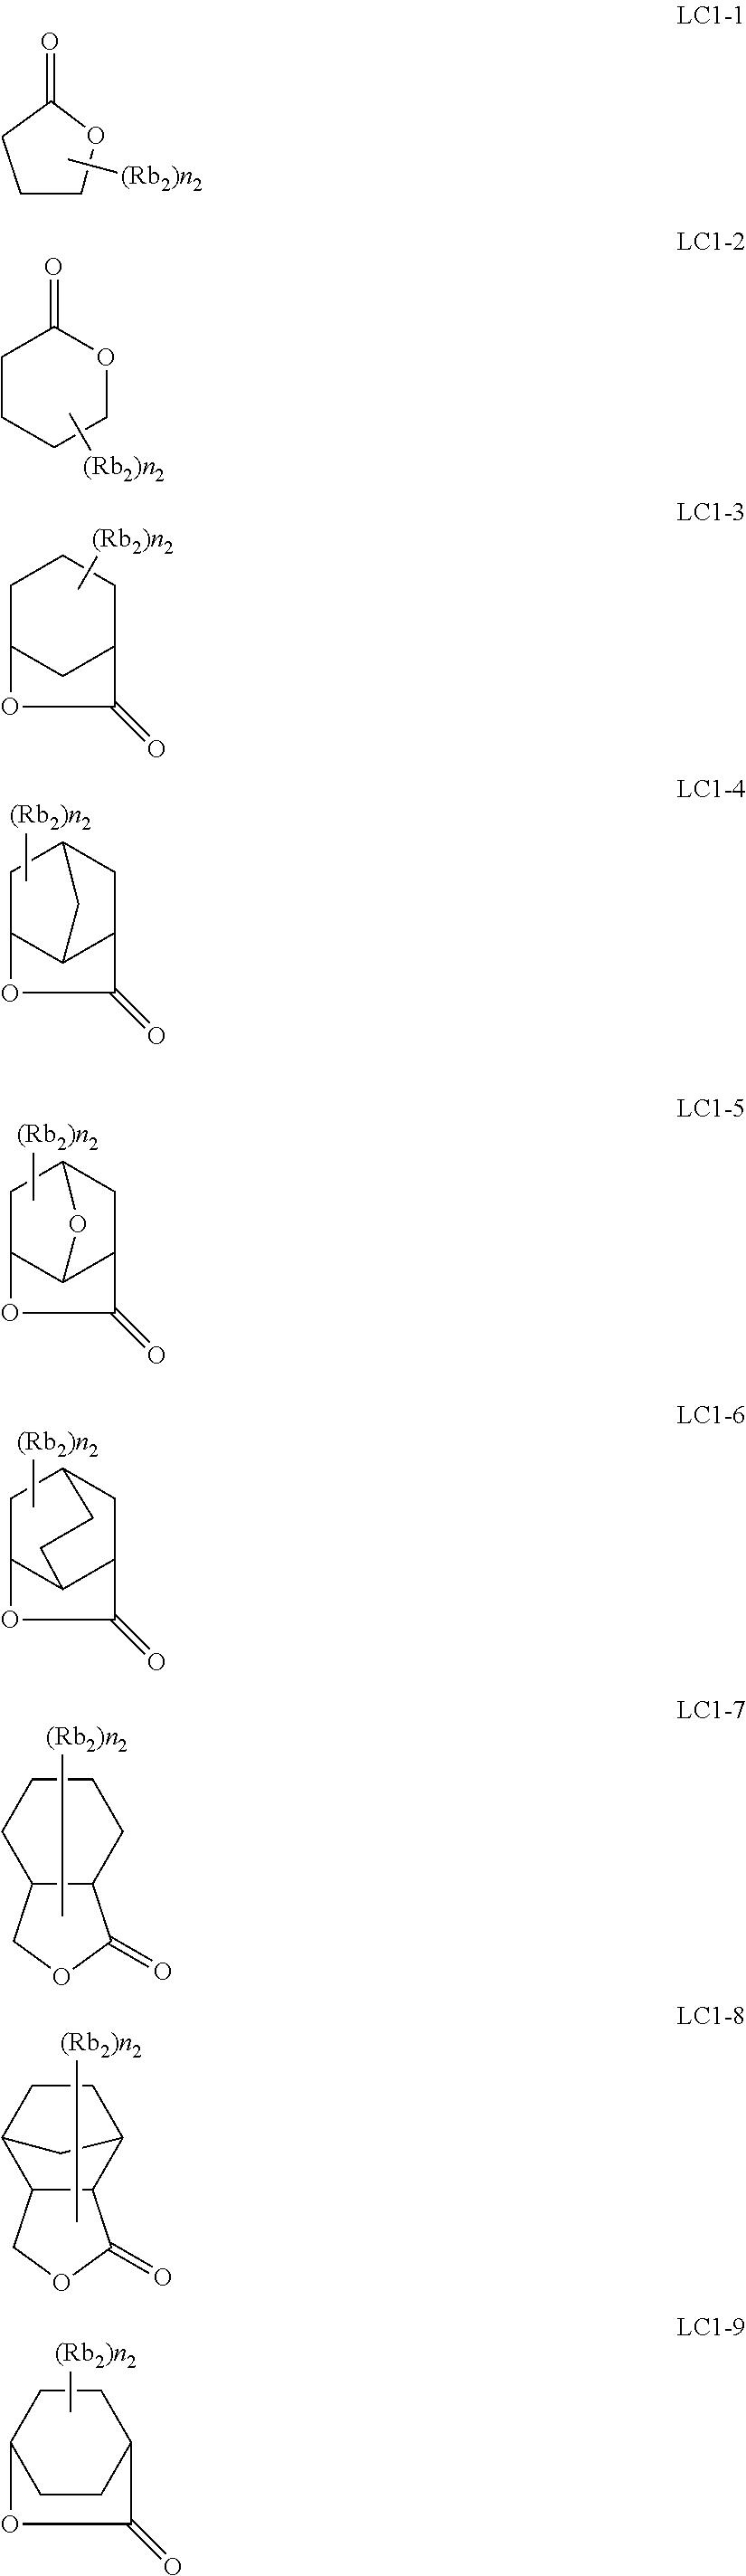 Figure US20110183258A1-20110728-C00040